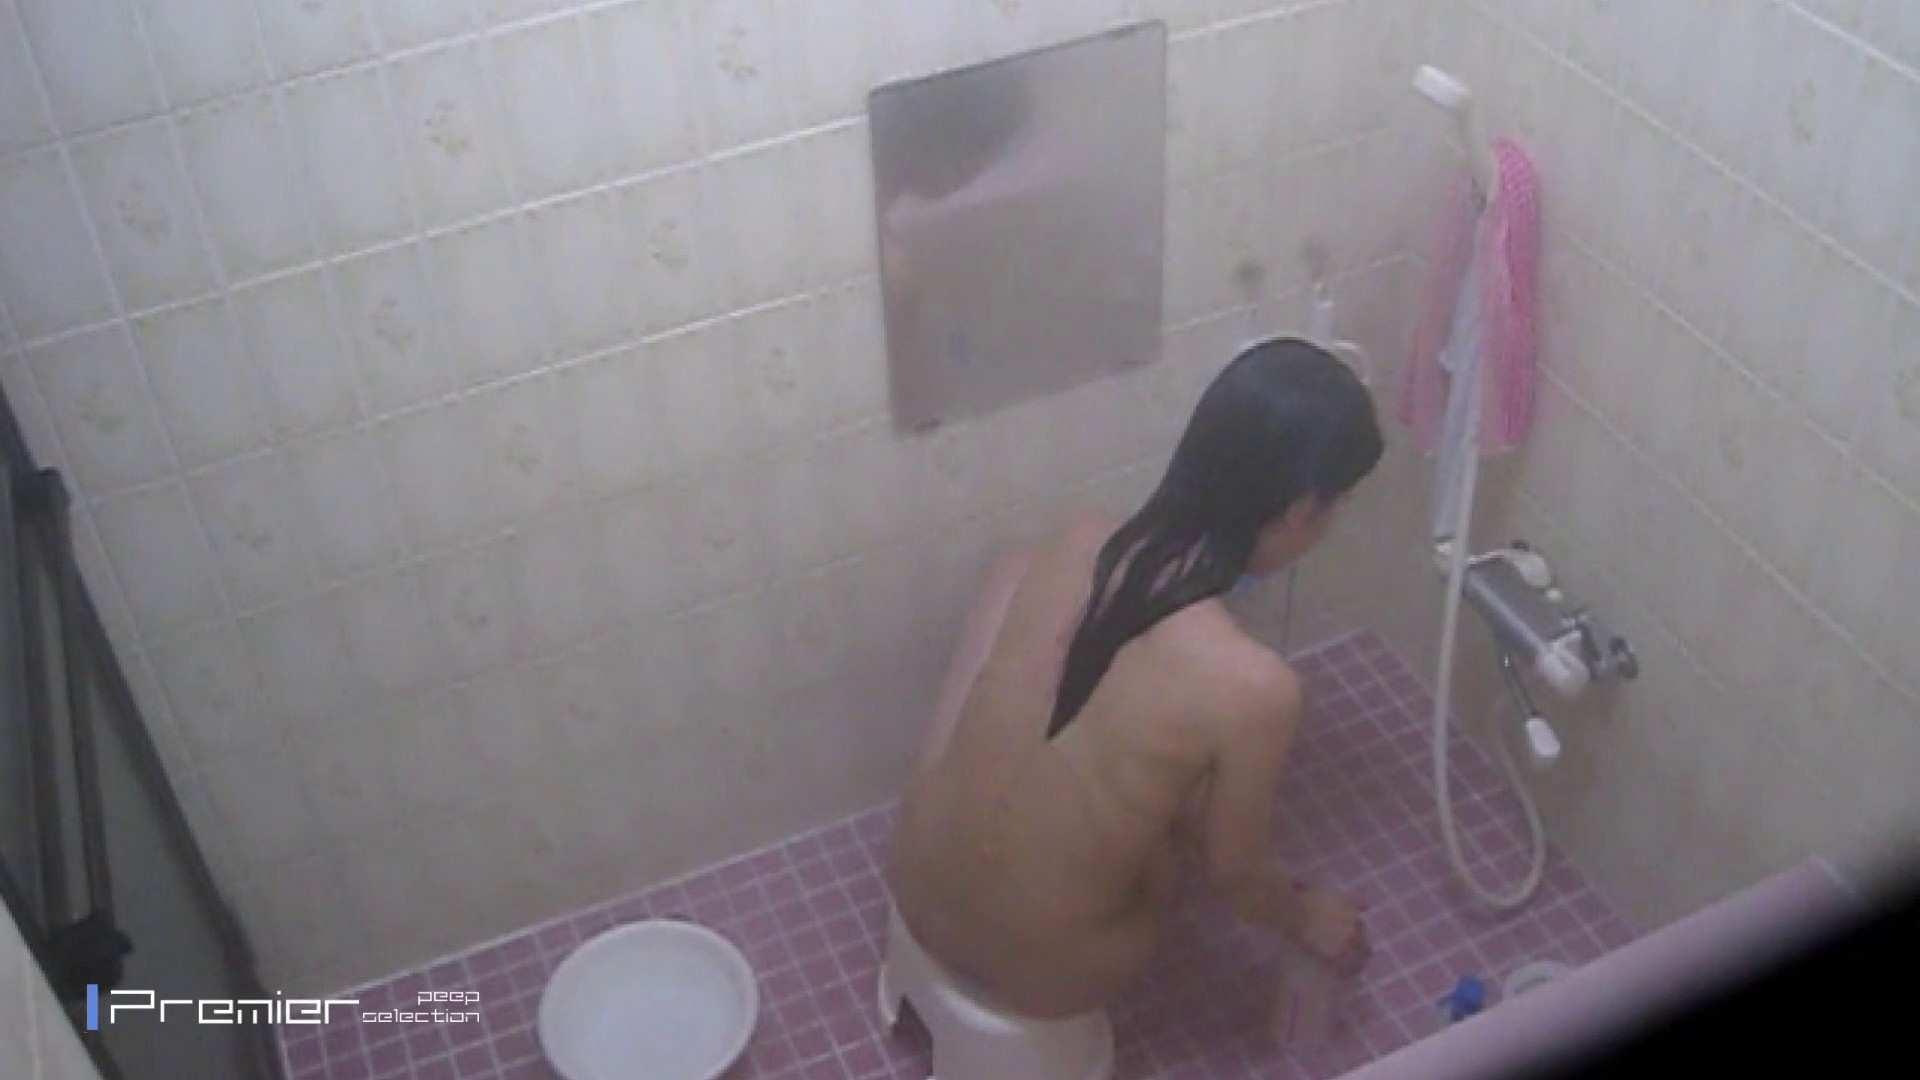 鏡に写る美女バレ盗撮 乙女の風呂場 Vol.10 民家 オメコ動画キャプチャ 86画像 52